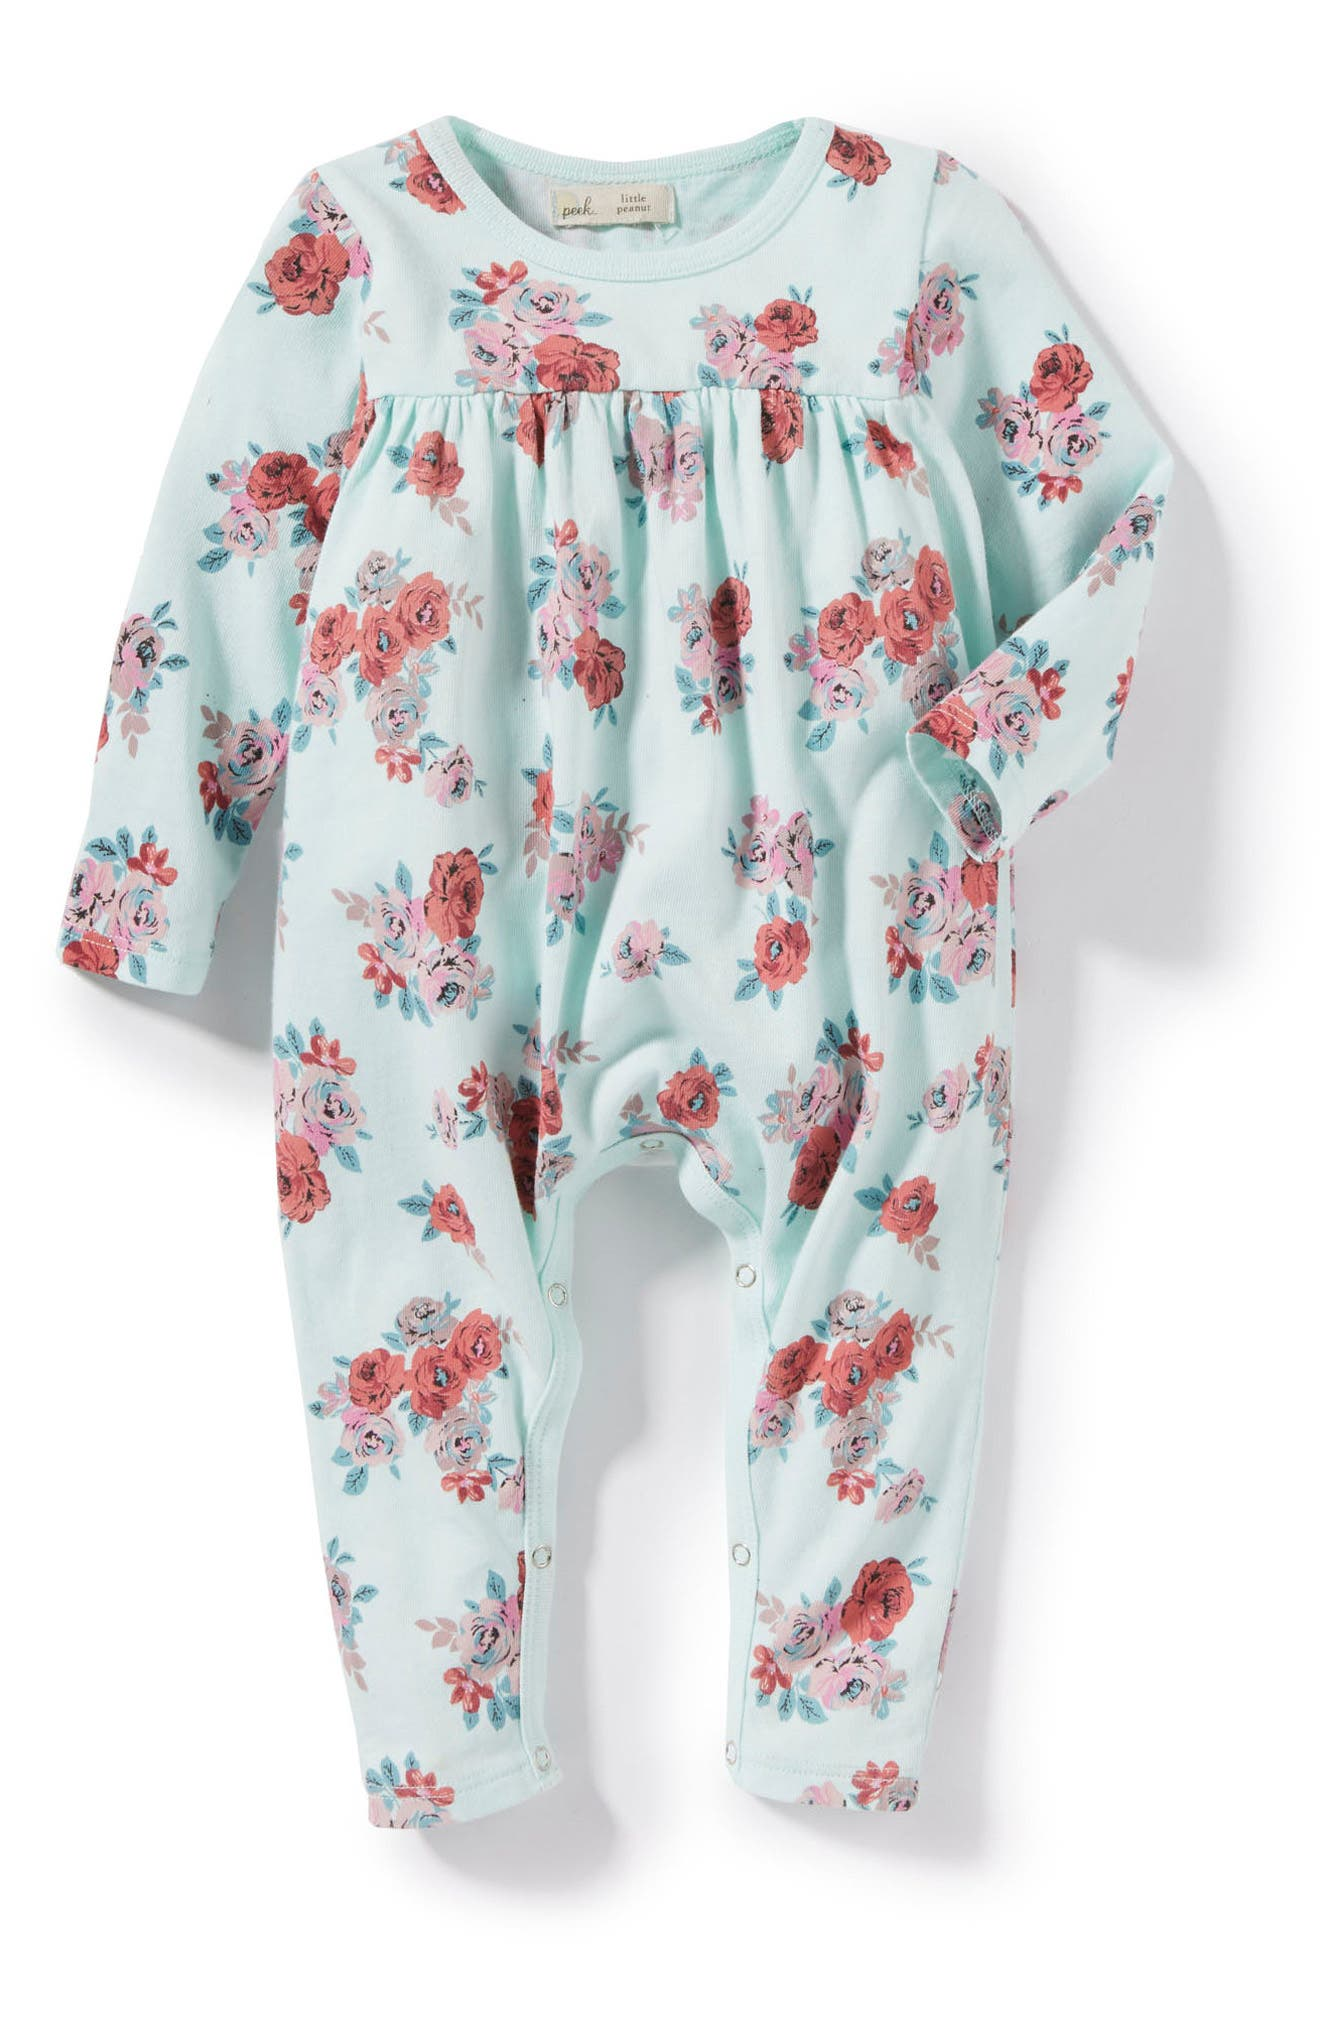 Alternate Image 1 Selected - Peek Floral Romper (Baby Girls)